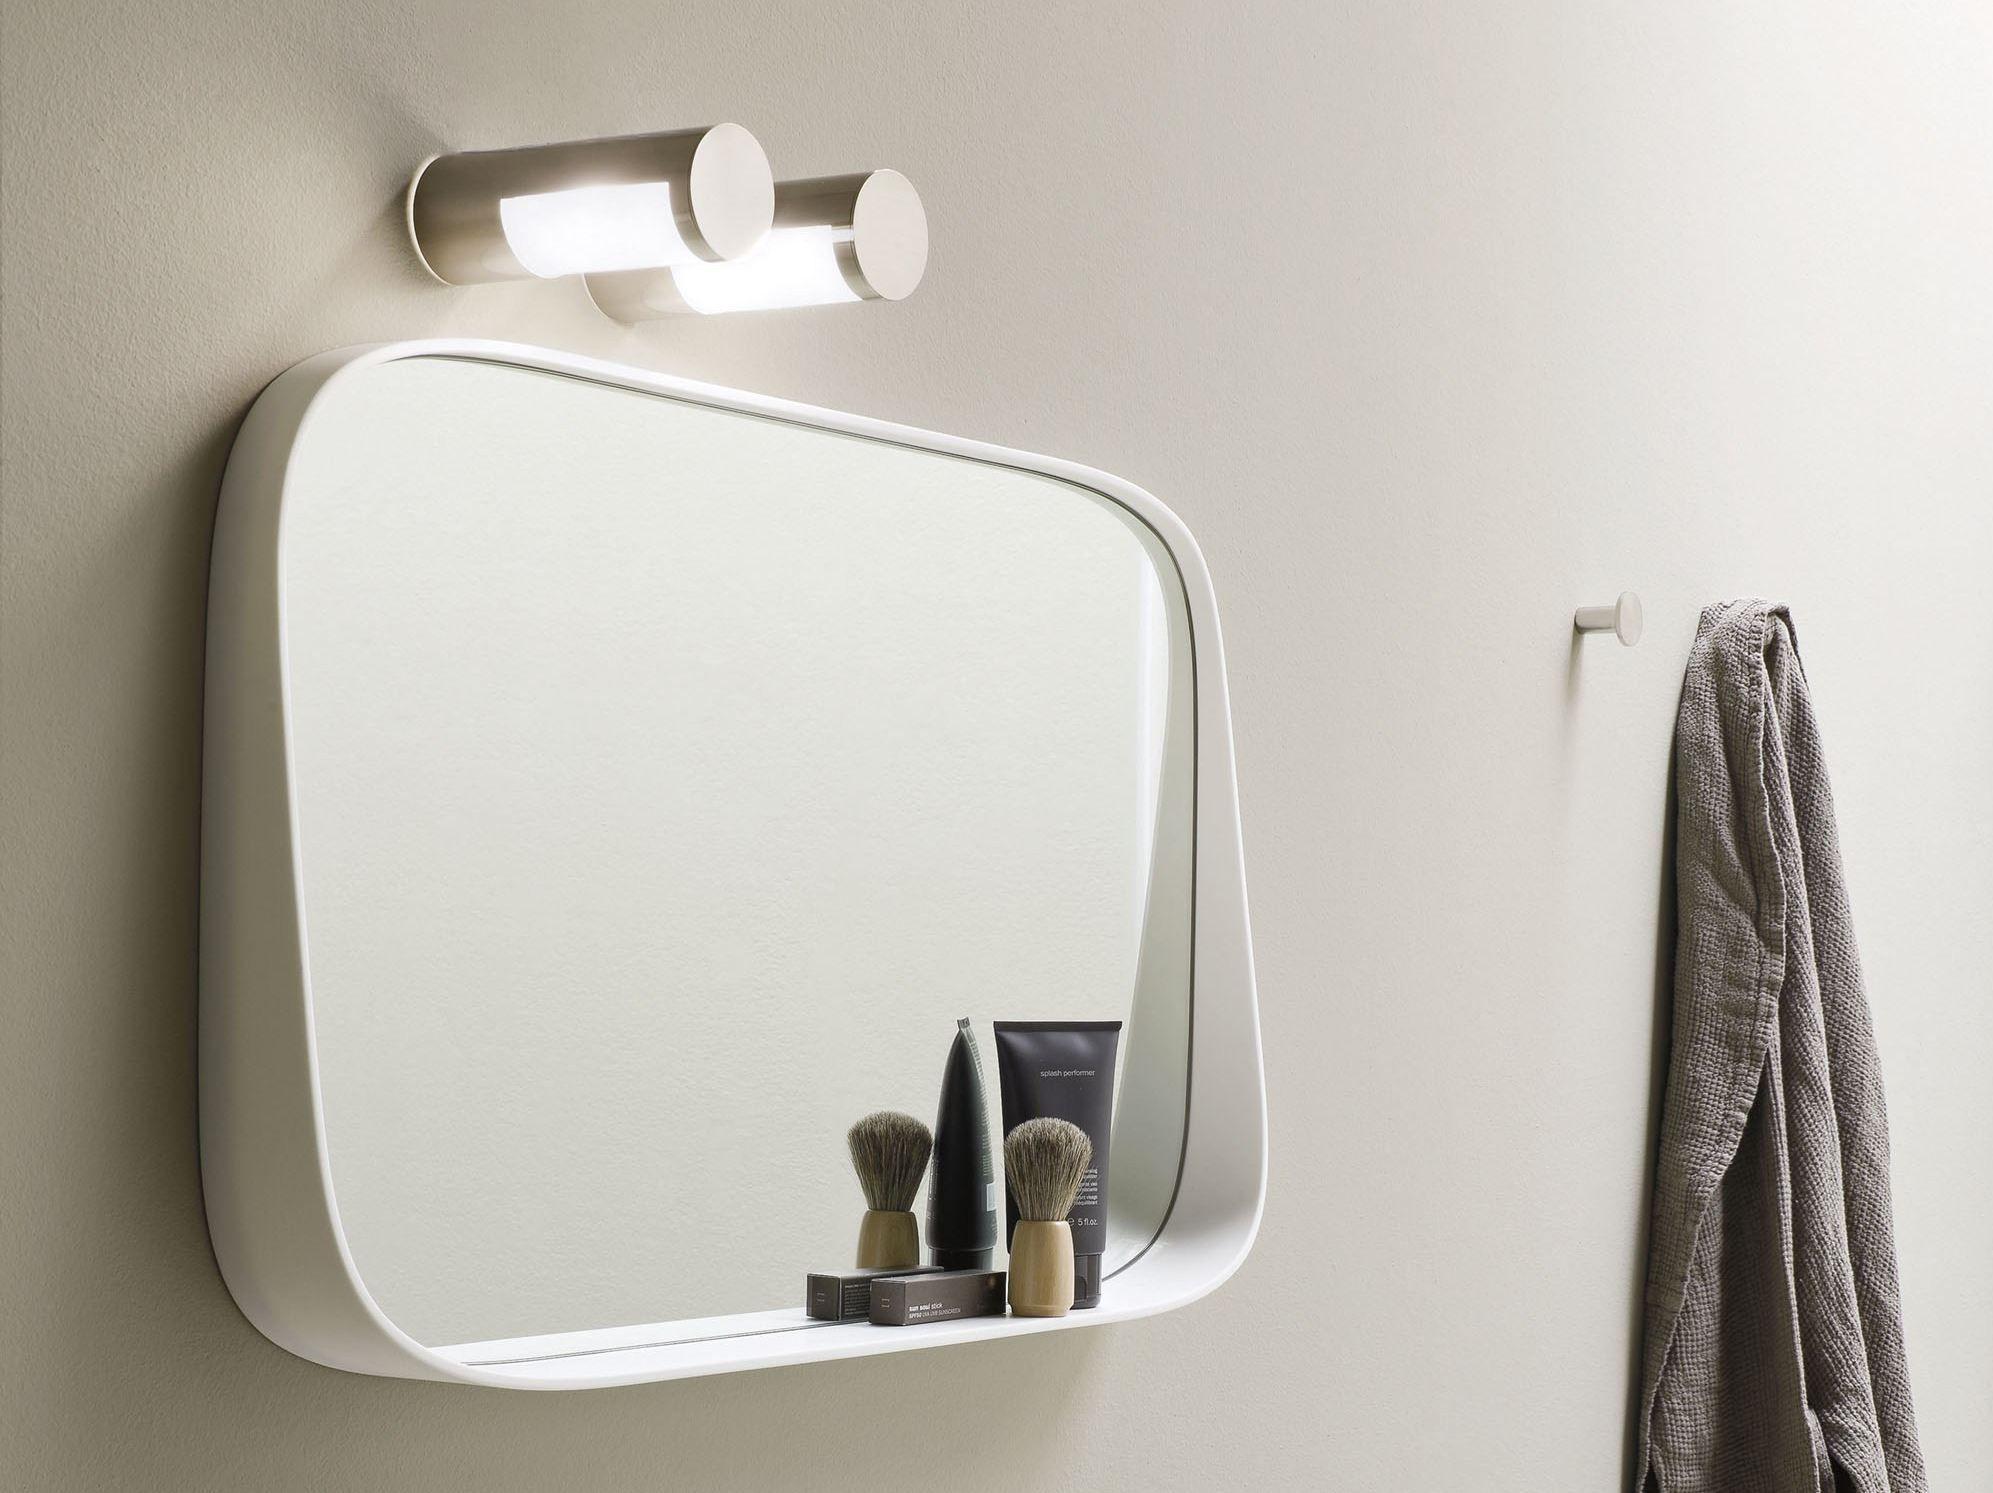 Bathroom Bathroom Mirror Designs Square Bathroom Mirrors | MineCraft ...